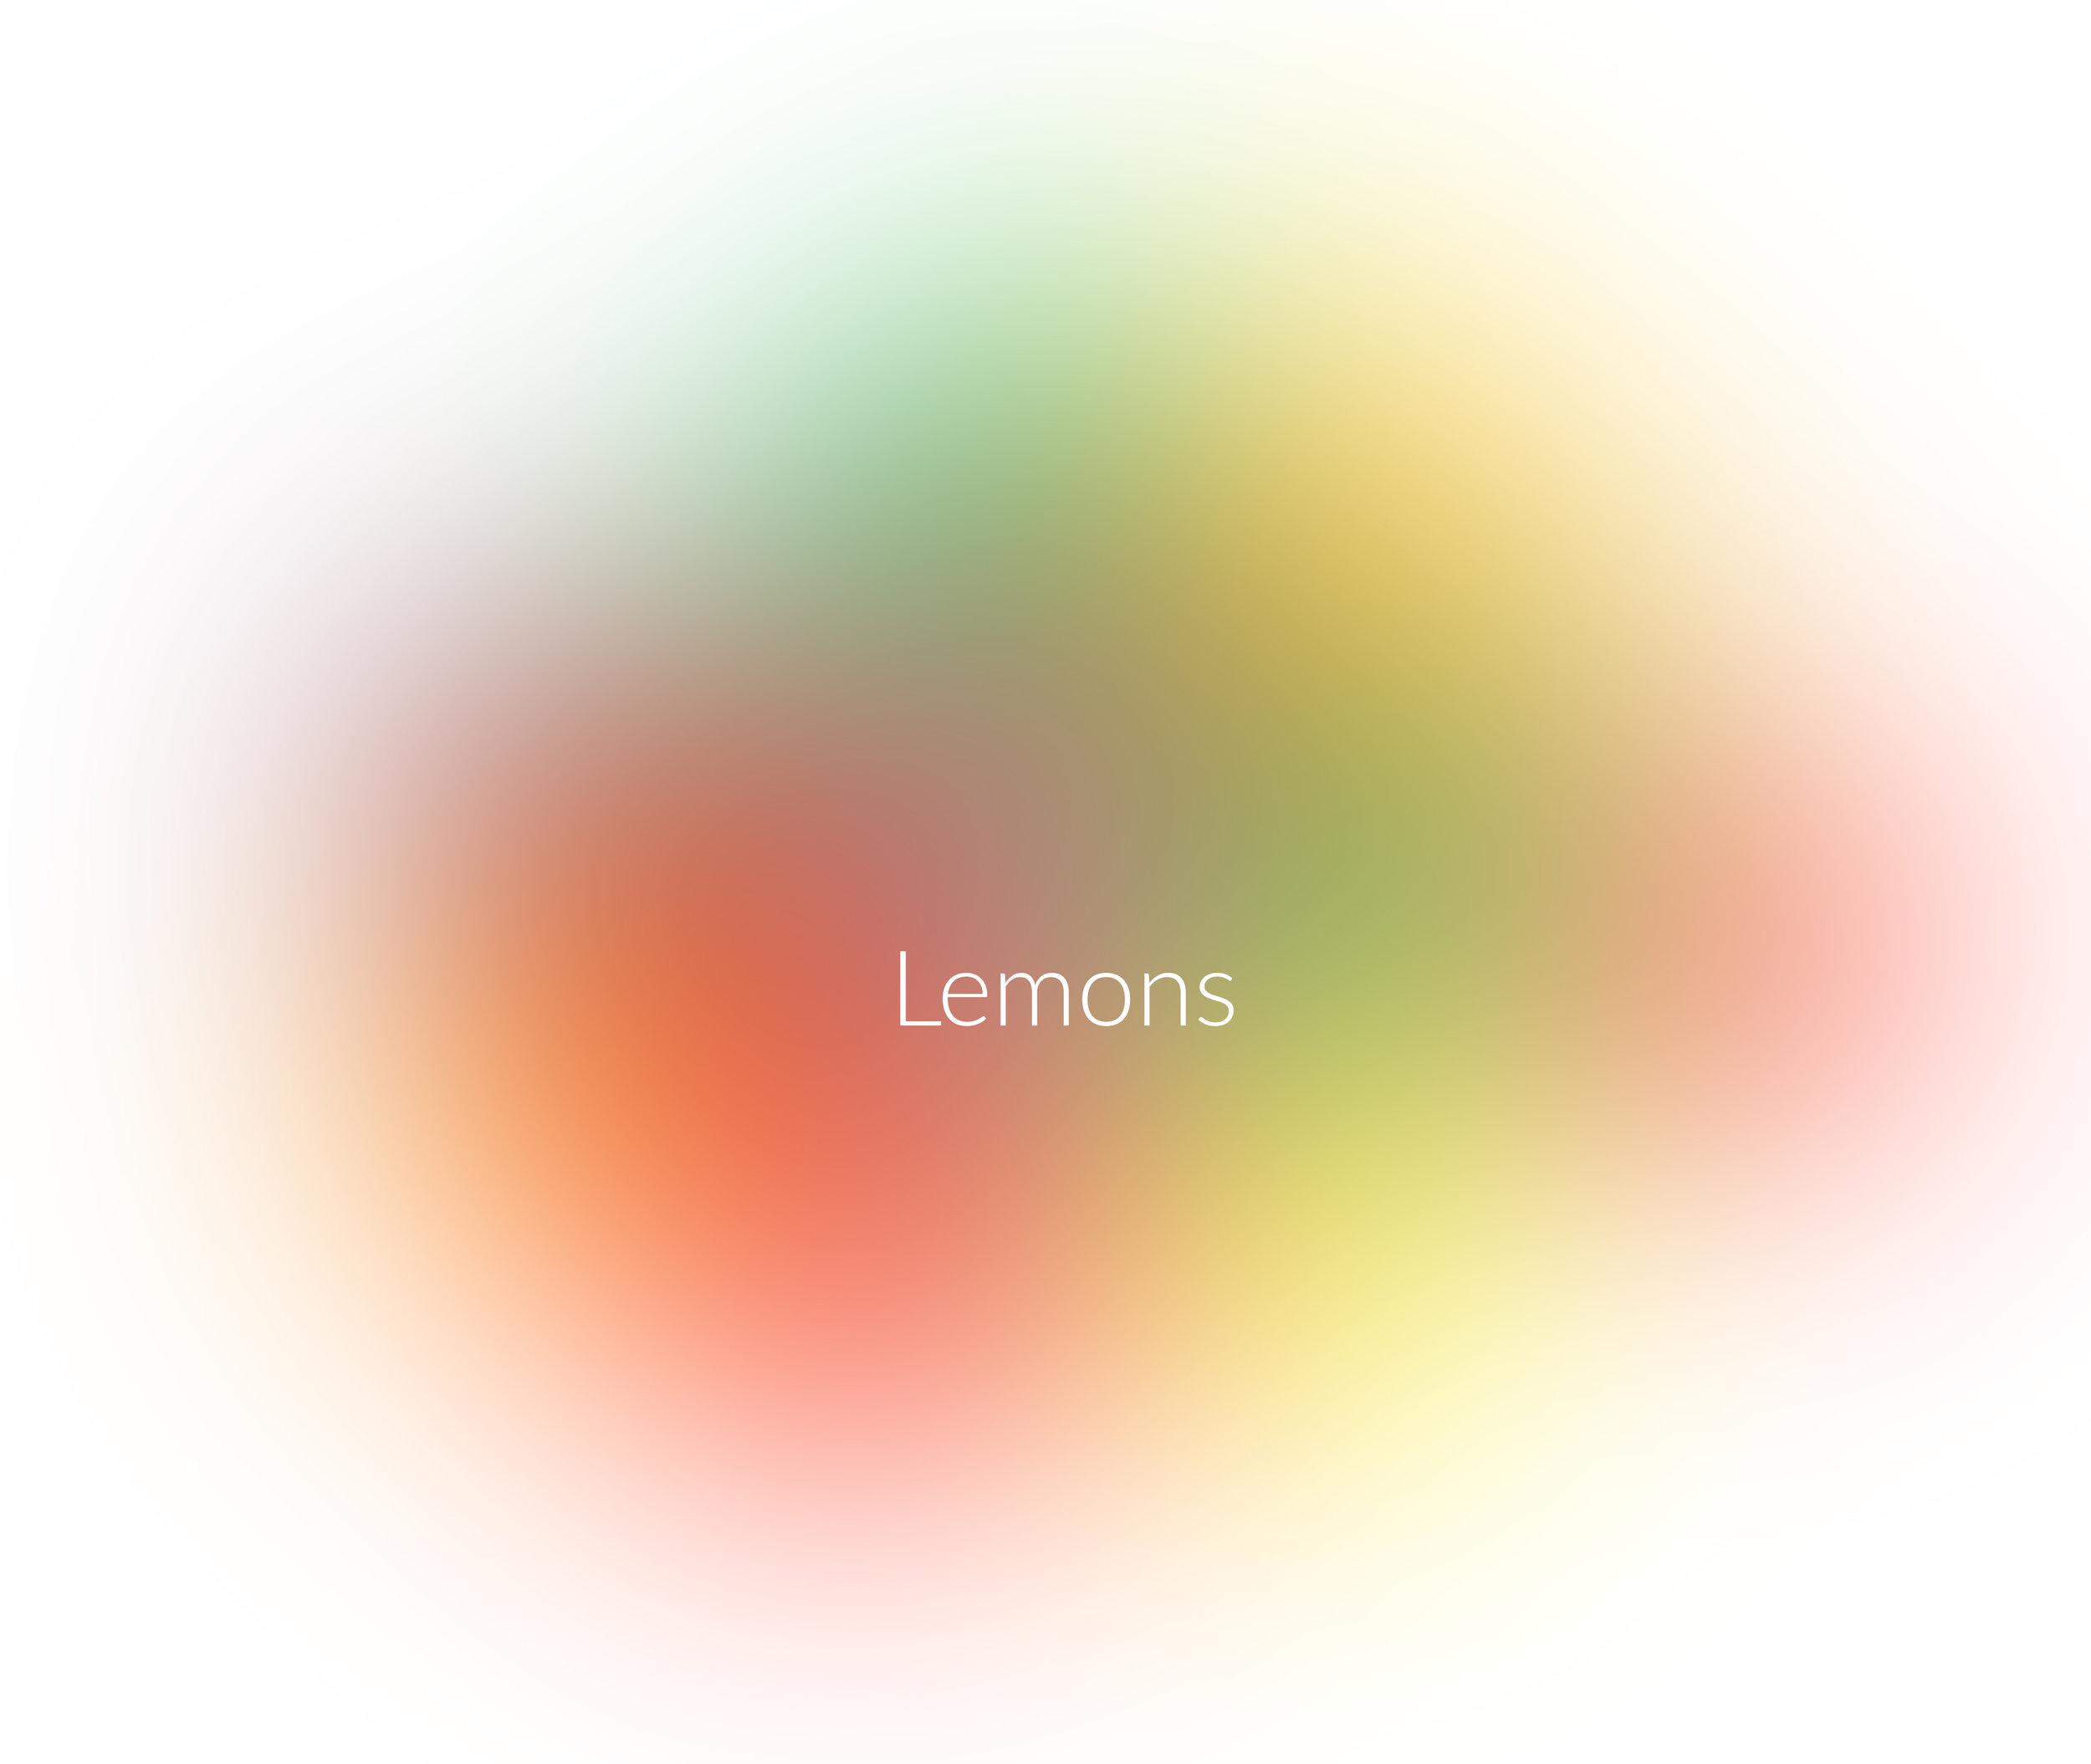 1 blurr.jpg